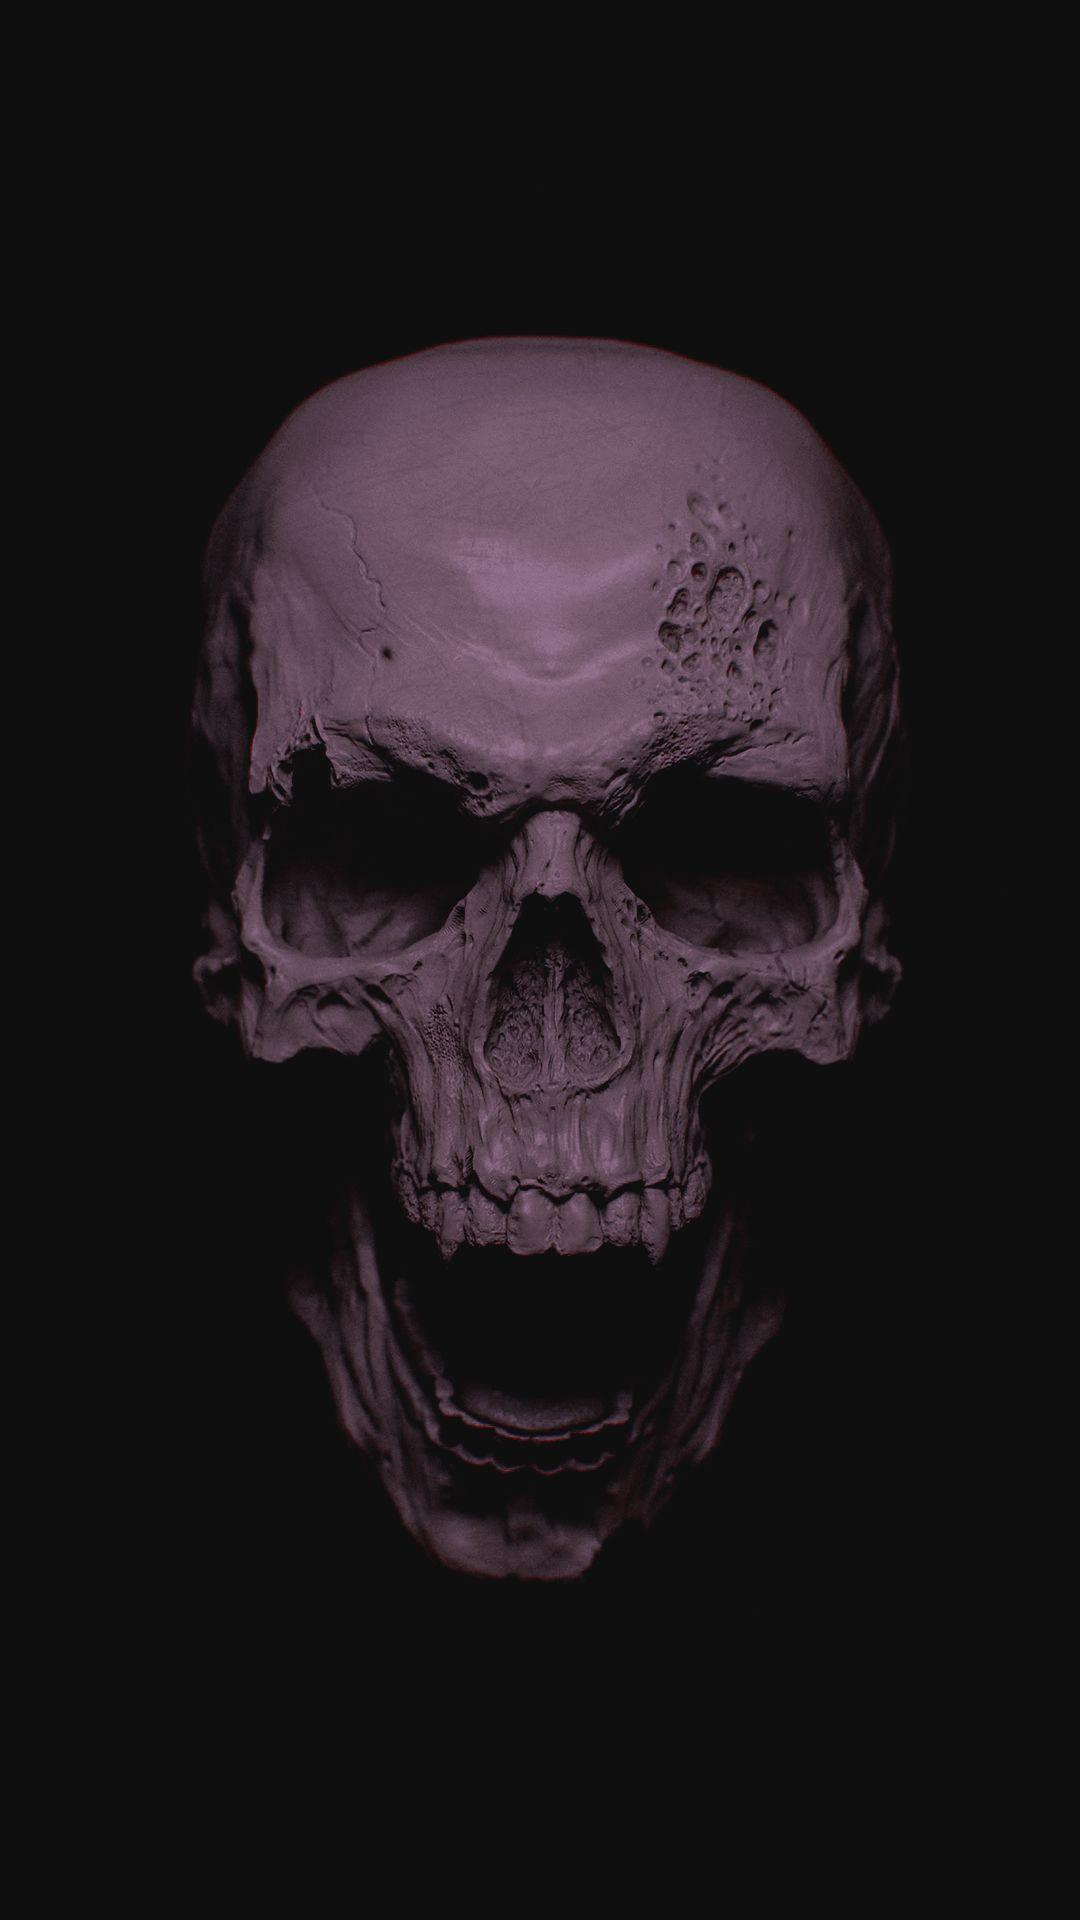 Cool Skull iOS 7 wallpaper